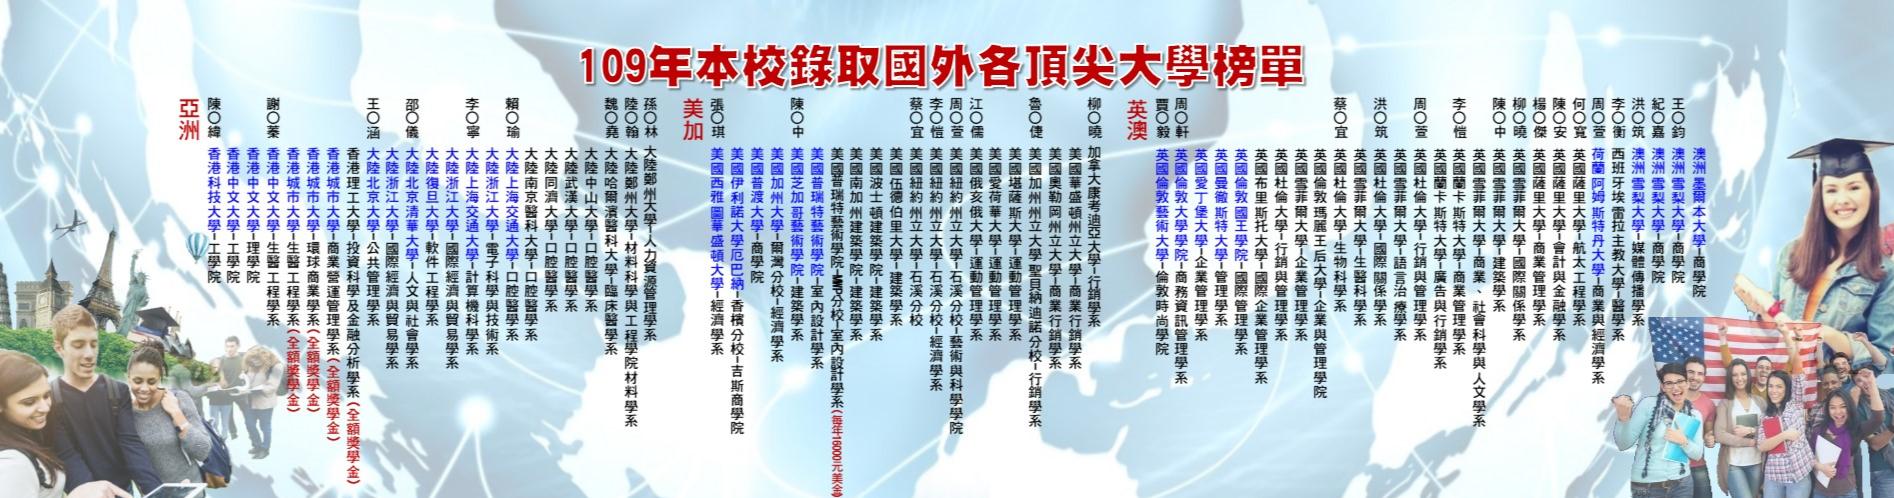 【新版】109年本校錄取國外各頂尖大學榜單[亞洲.美加.英澳][網路輪播]1080815.jpg